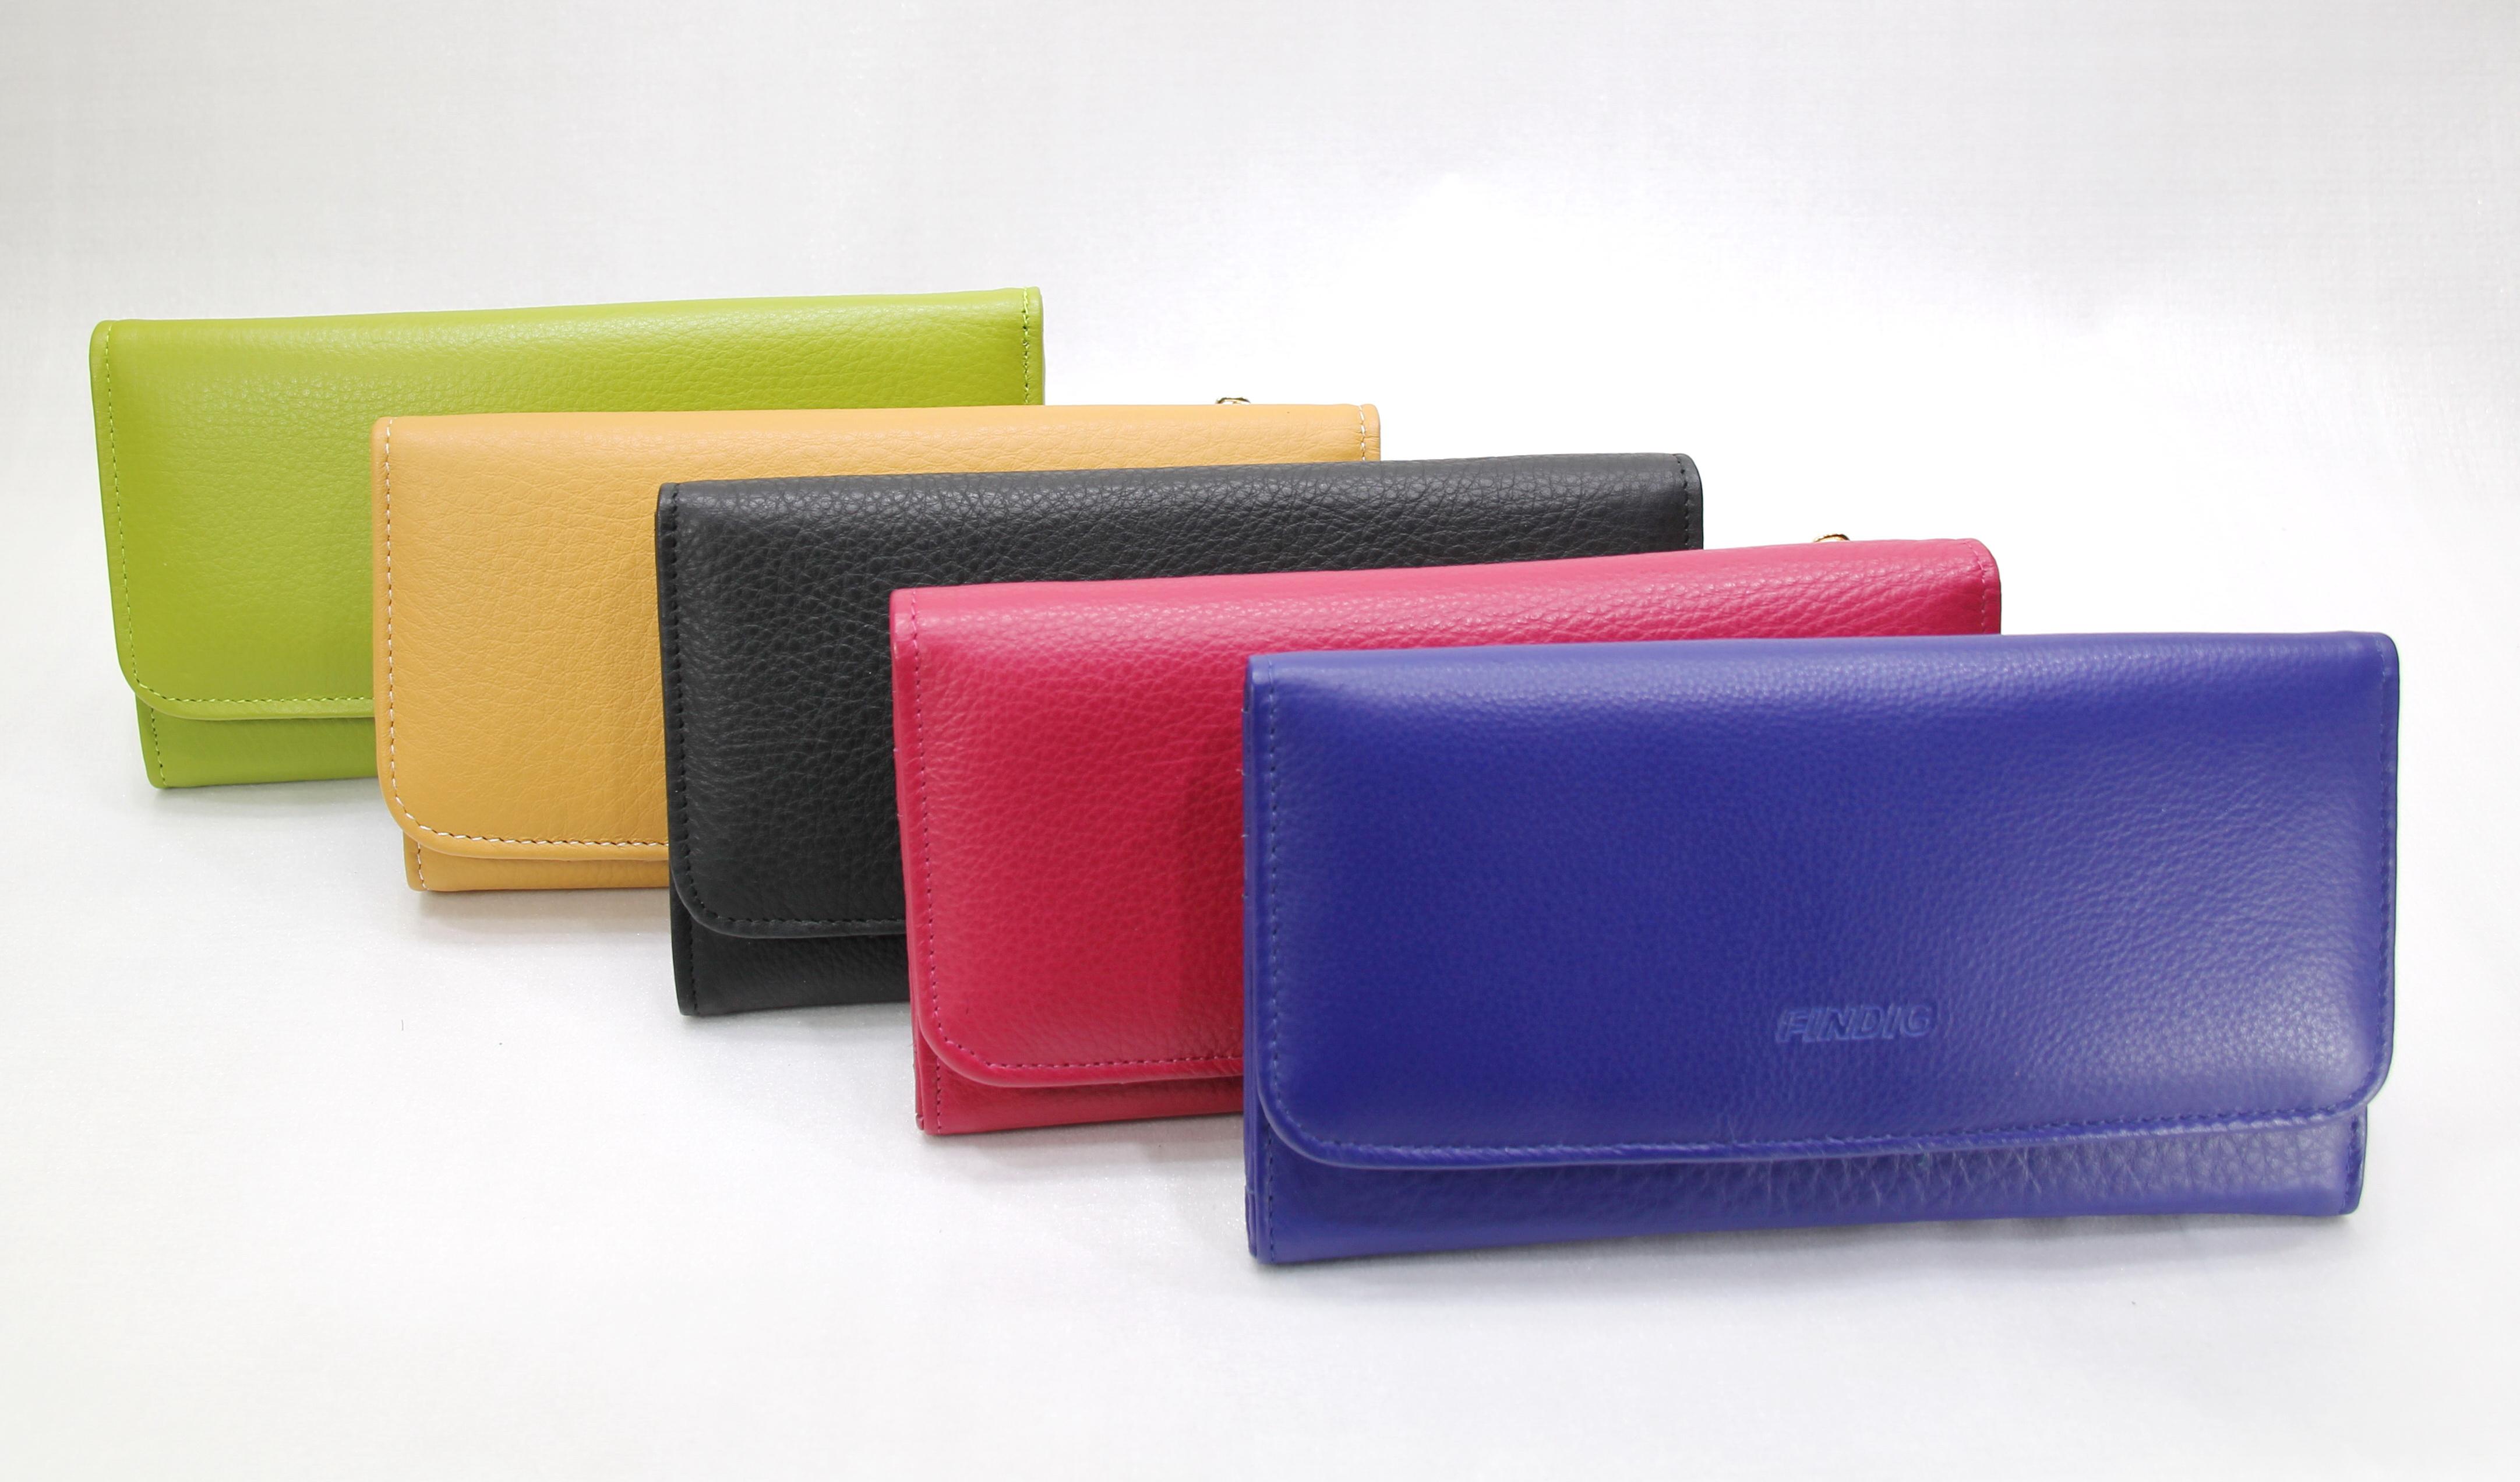 กระเป๋าสตางคืผู้หญิง รุ่น QB575